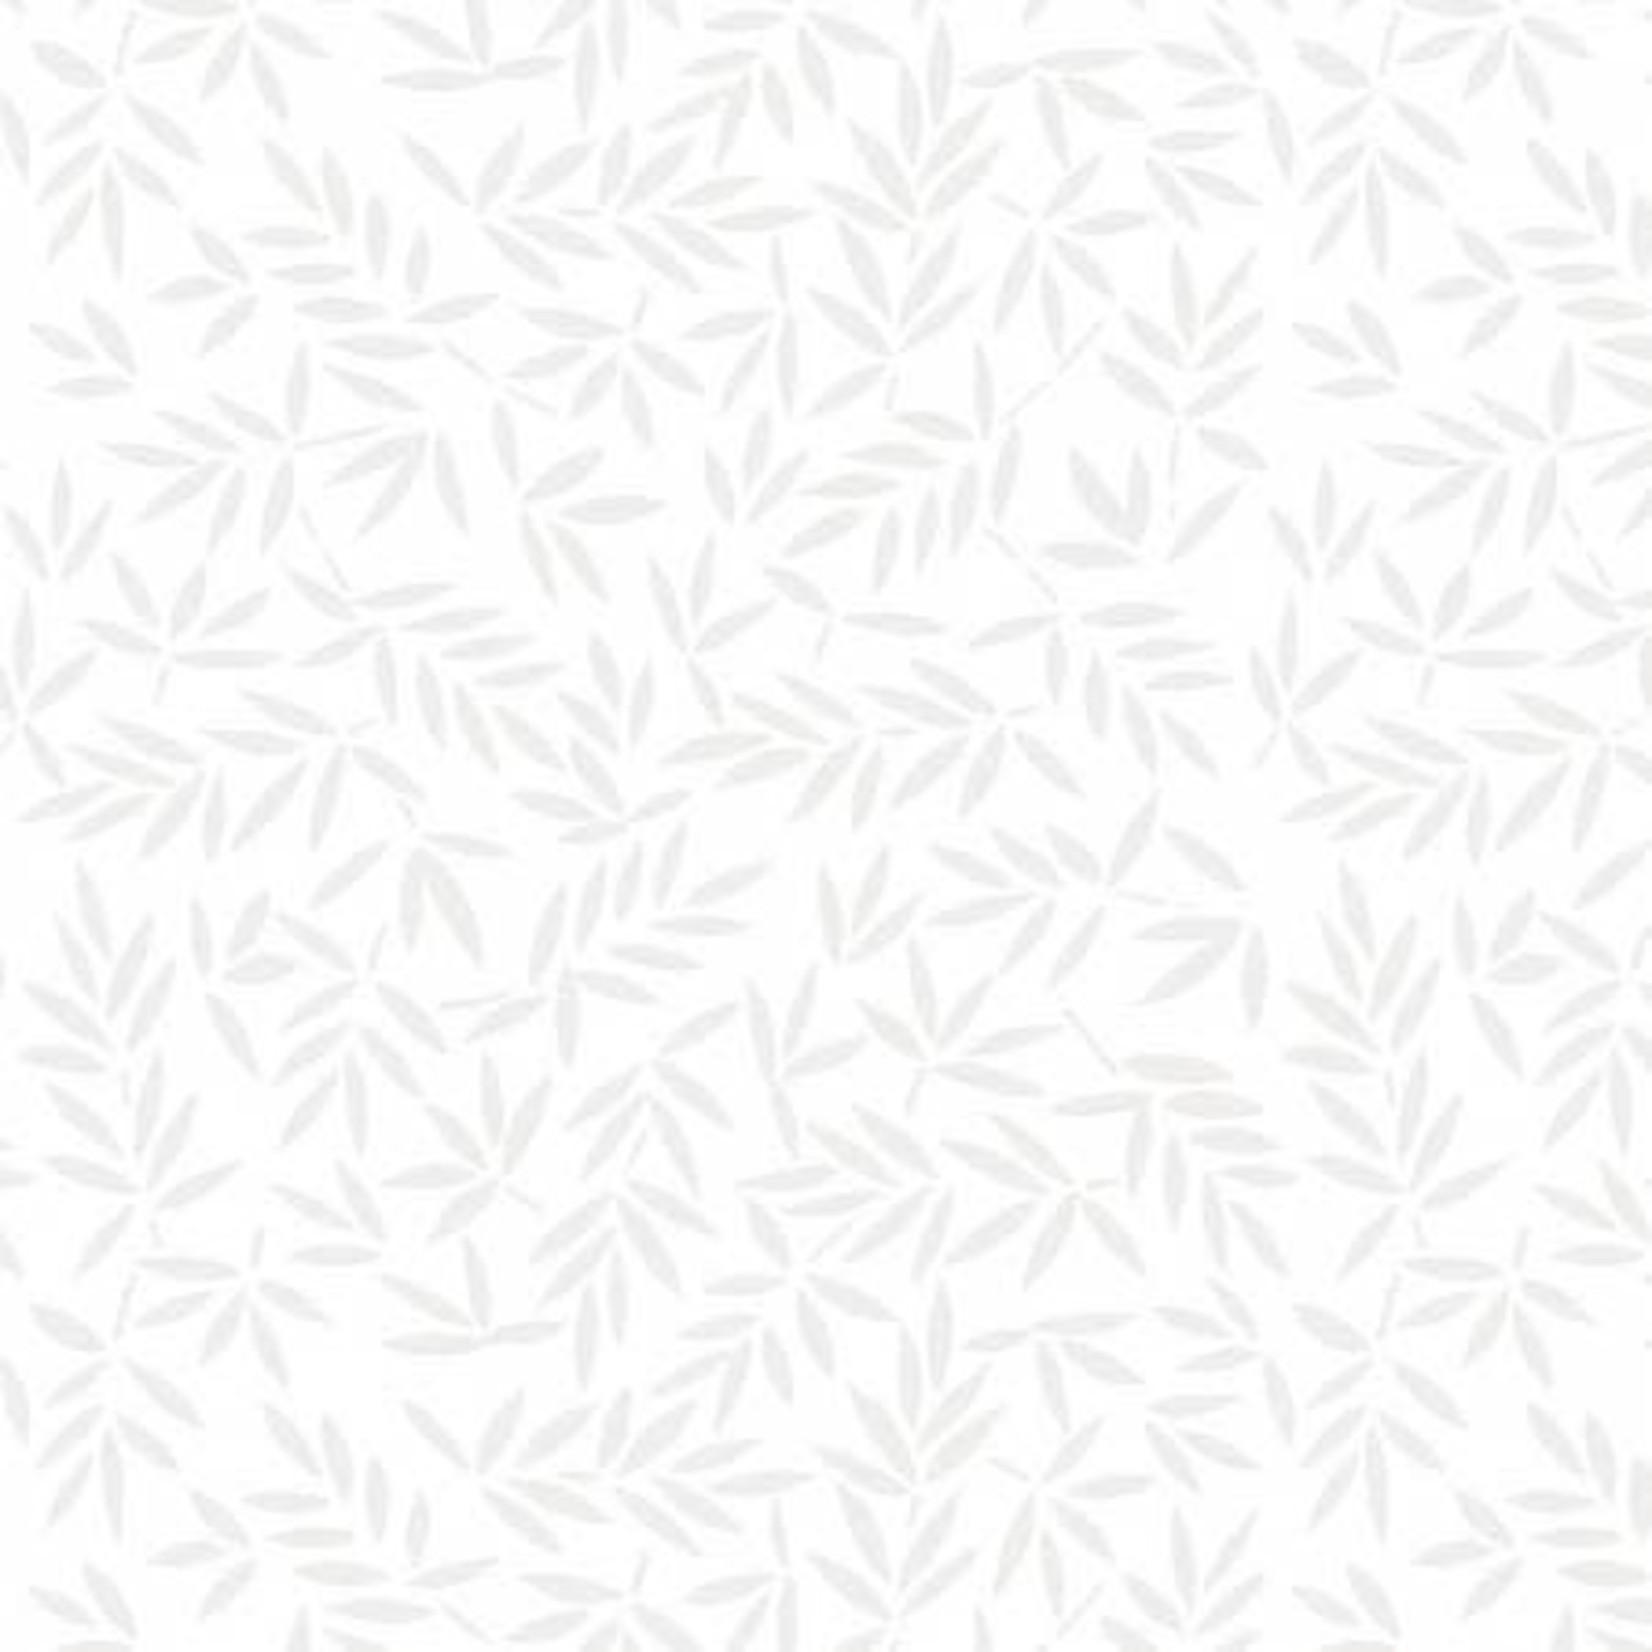 Wilmington Prints Mottled Leaves - White